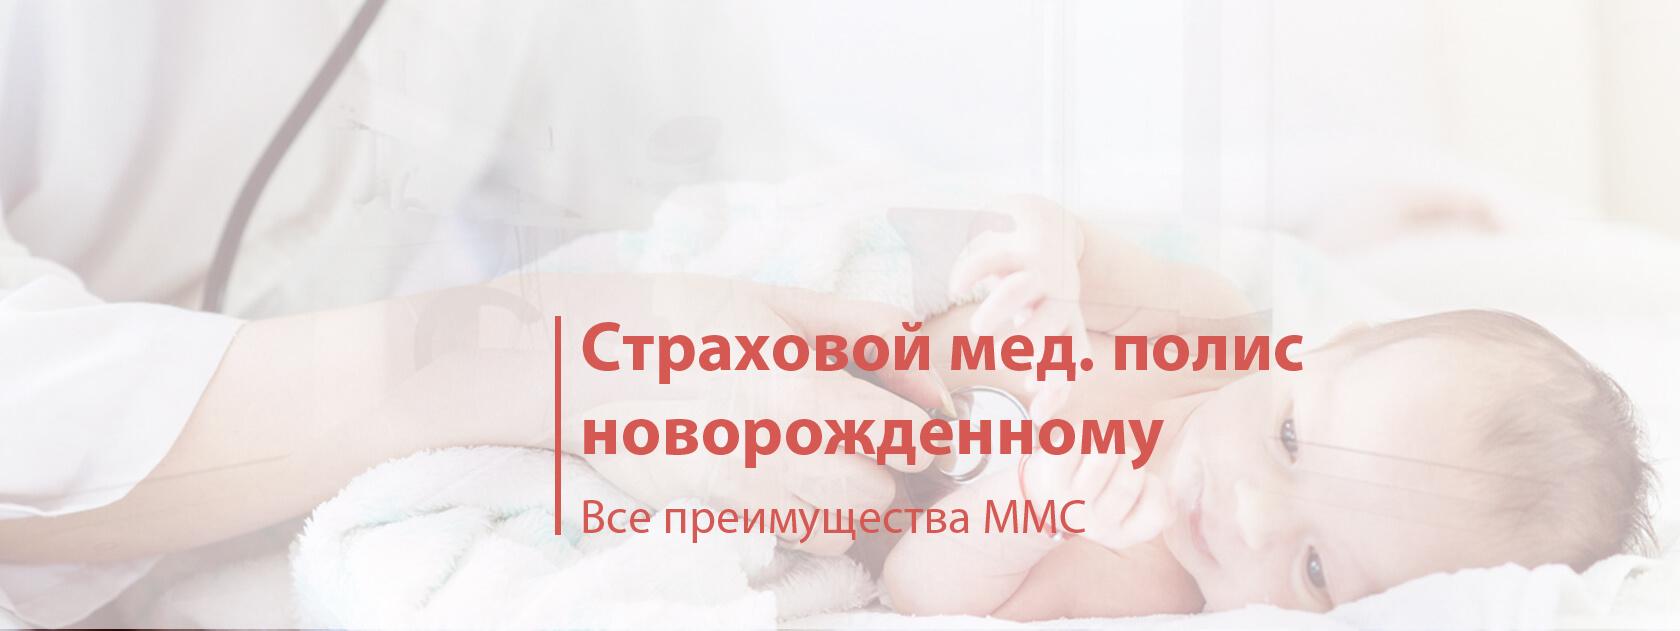 Страховой медицинский полис новорожденному